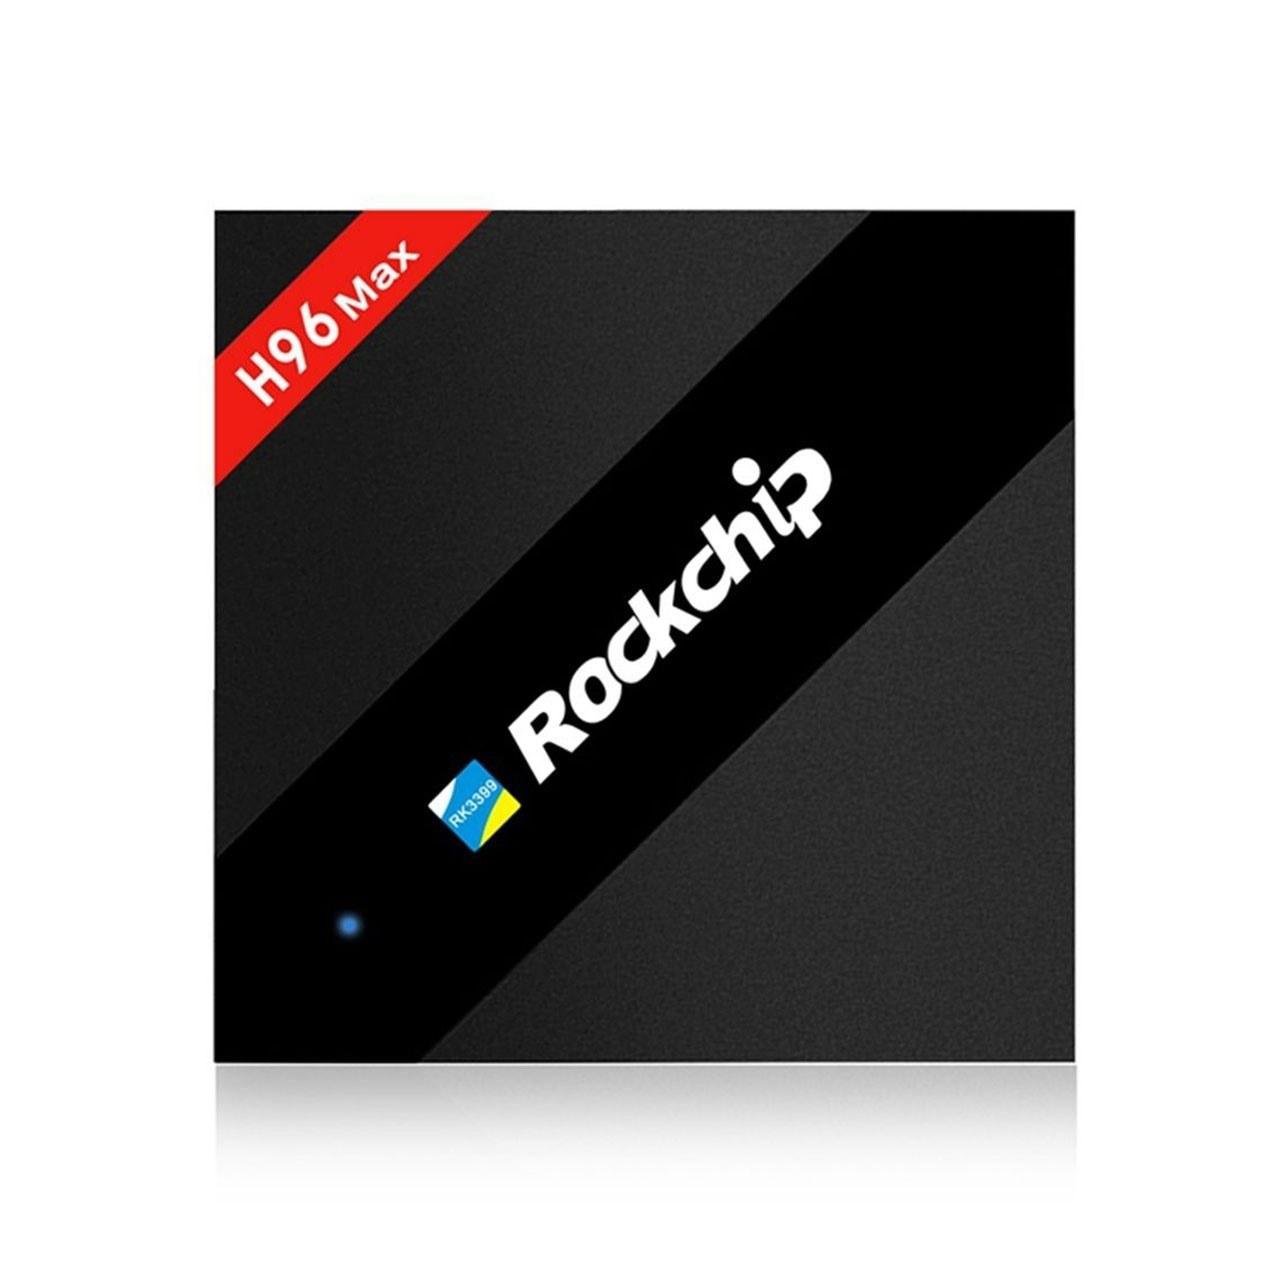 تصویر مینی کامپیوتر اندروید H96 Max Rockchip RK3399